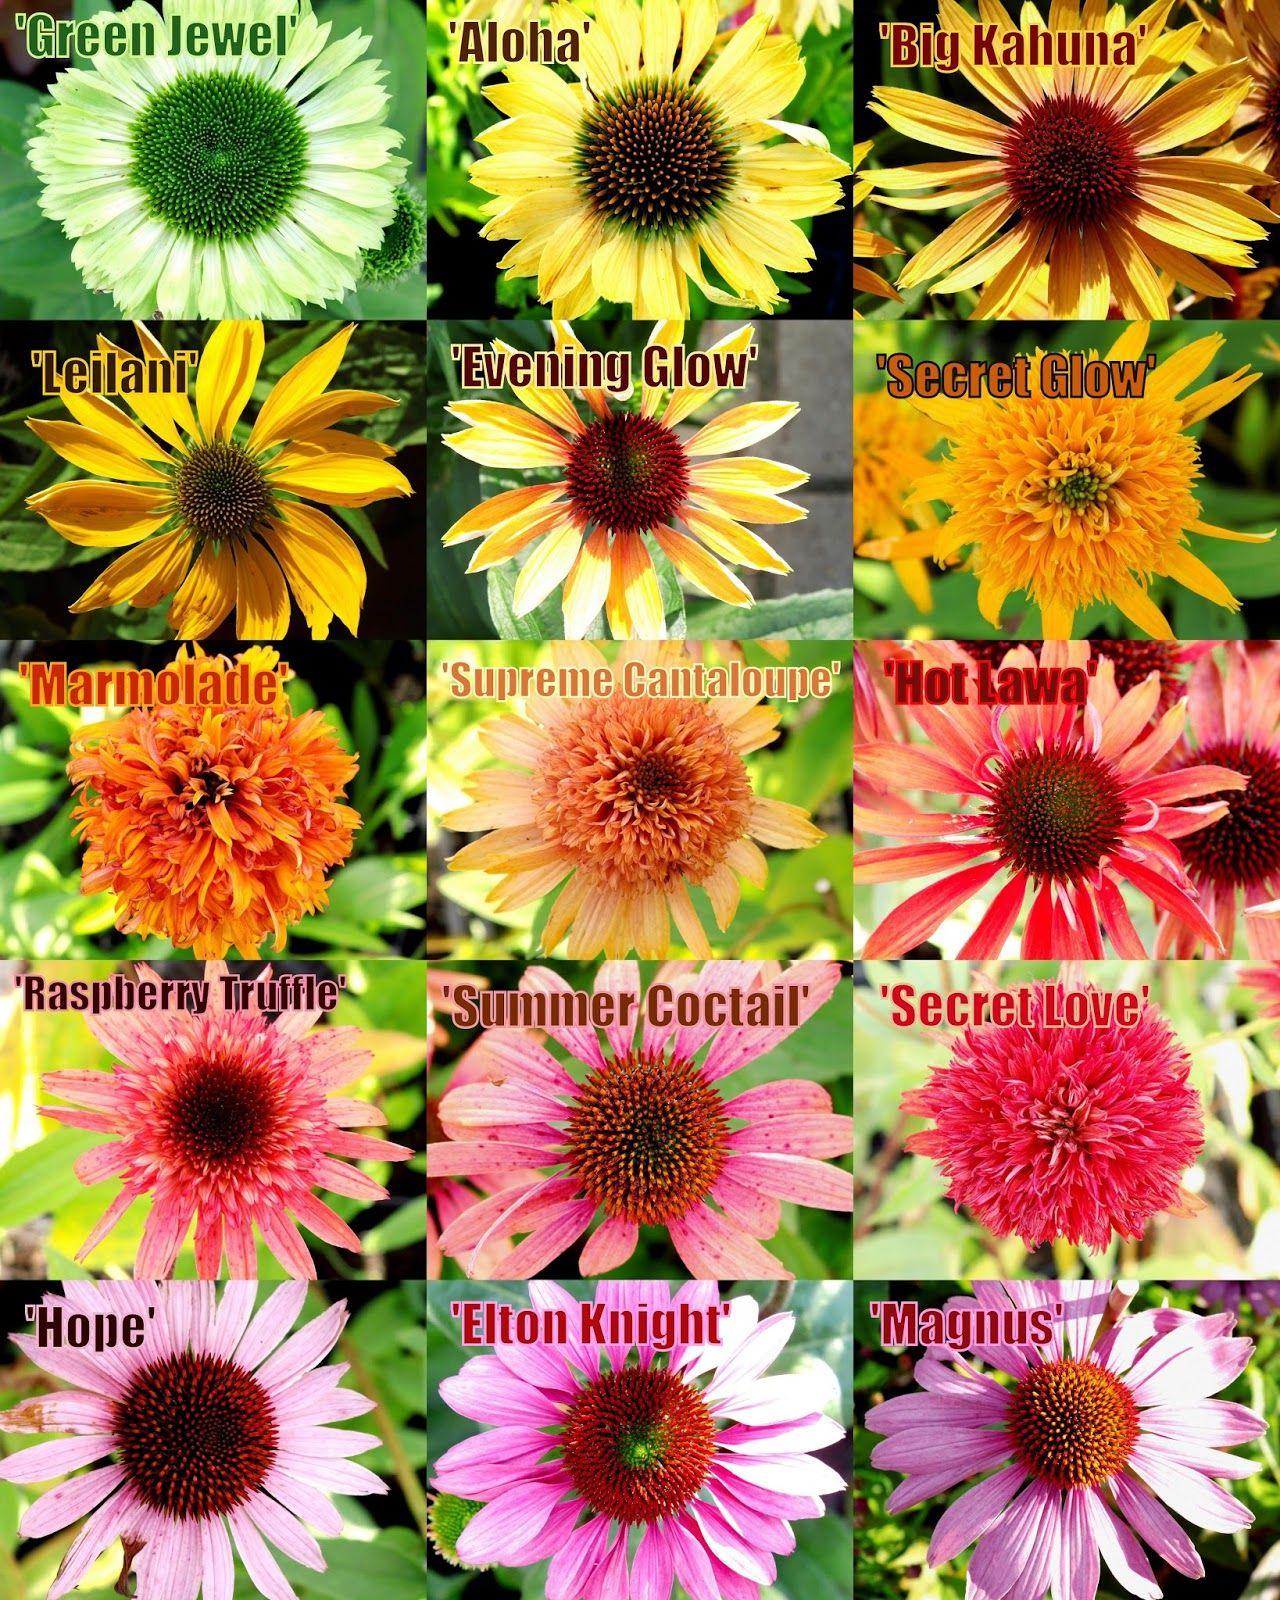 Blog Ogrodniczy Echinacea Czyli Jezowka 15 Zachwycajacych Odmian Echinacea Purpurea Echinacea Plants